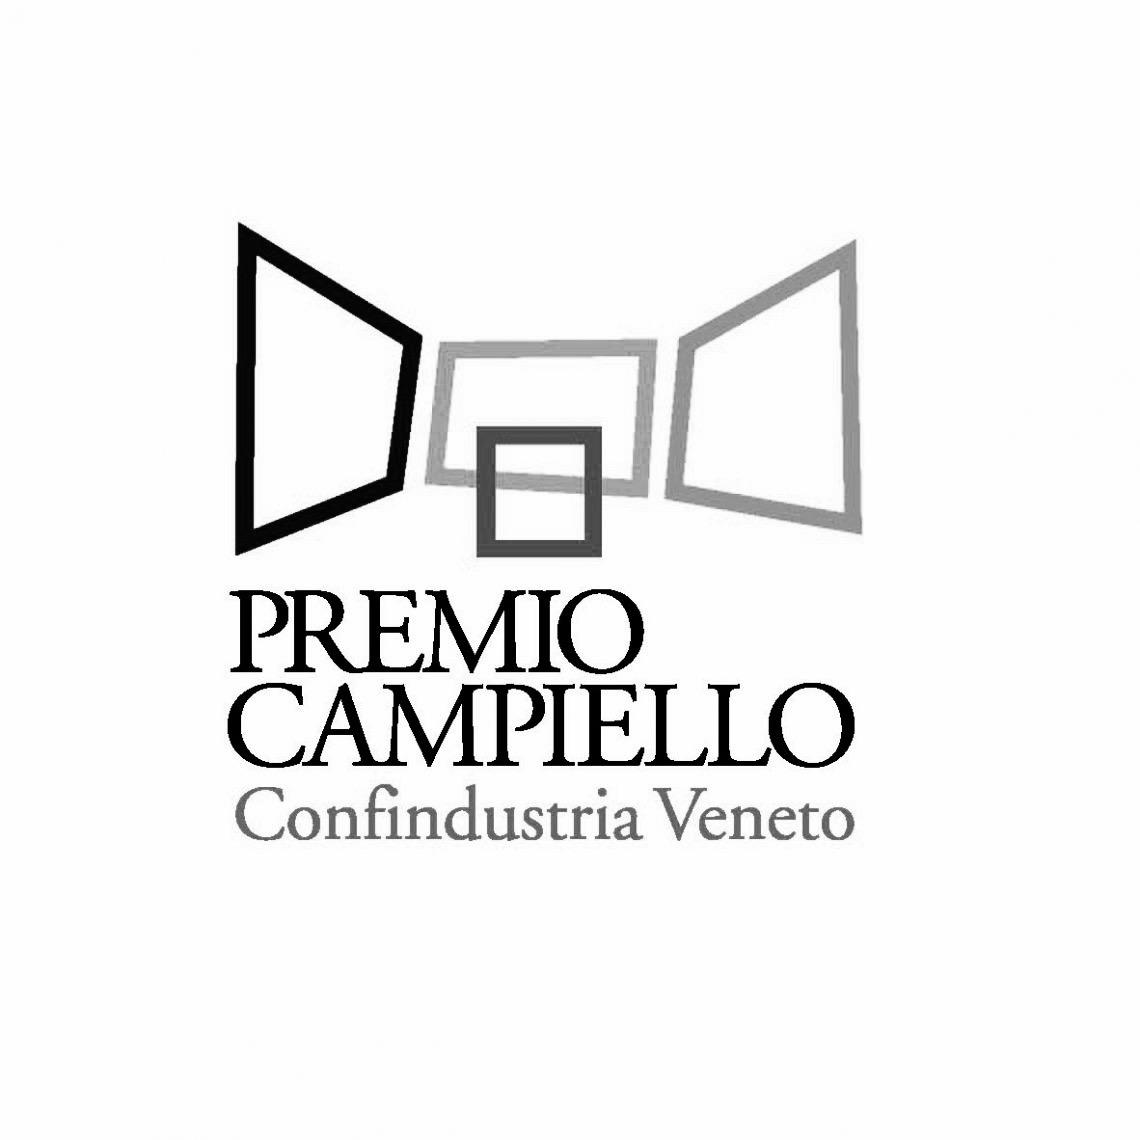 campiello_vert_cmyk-2